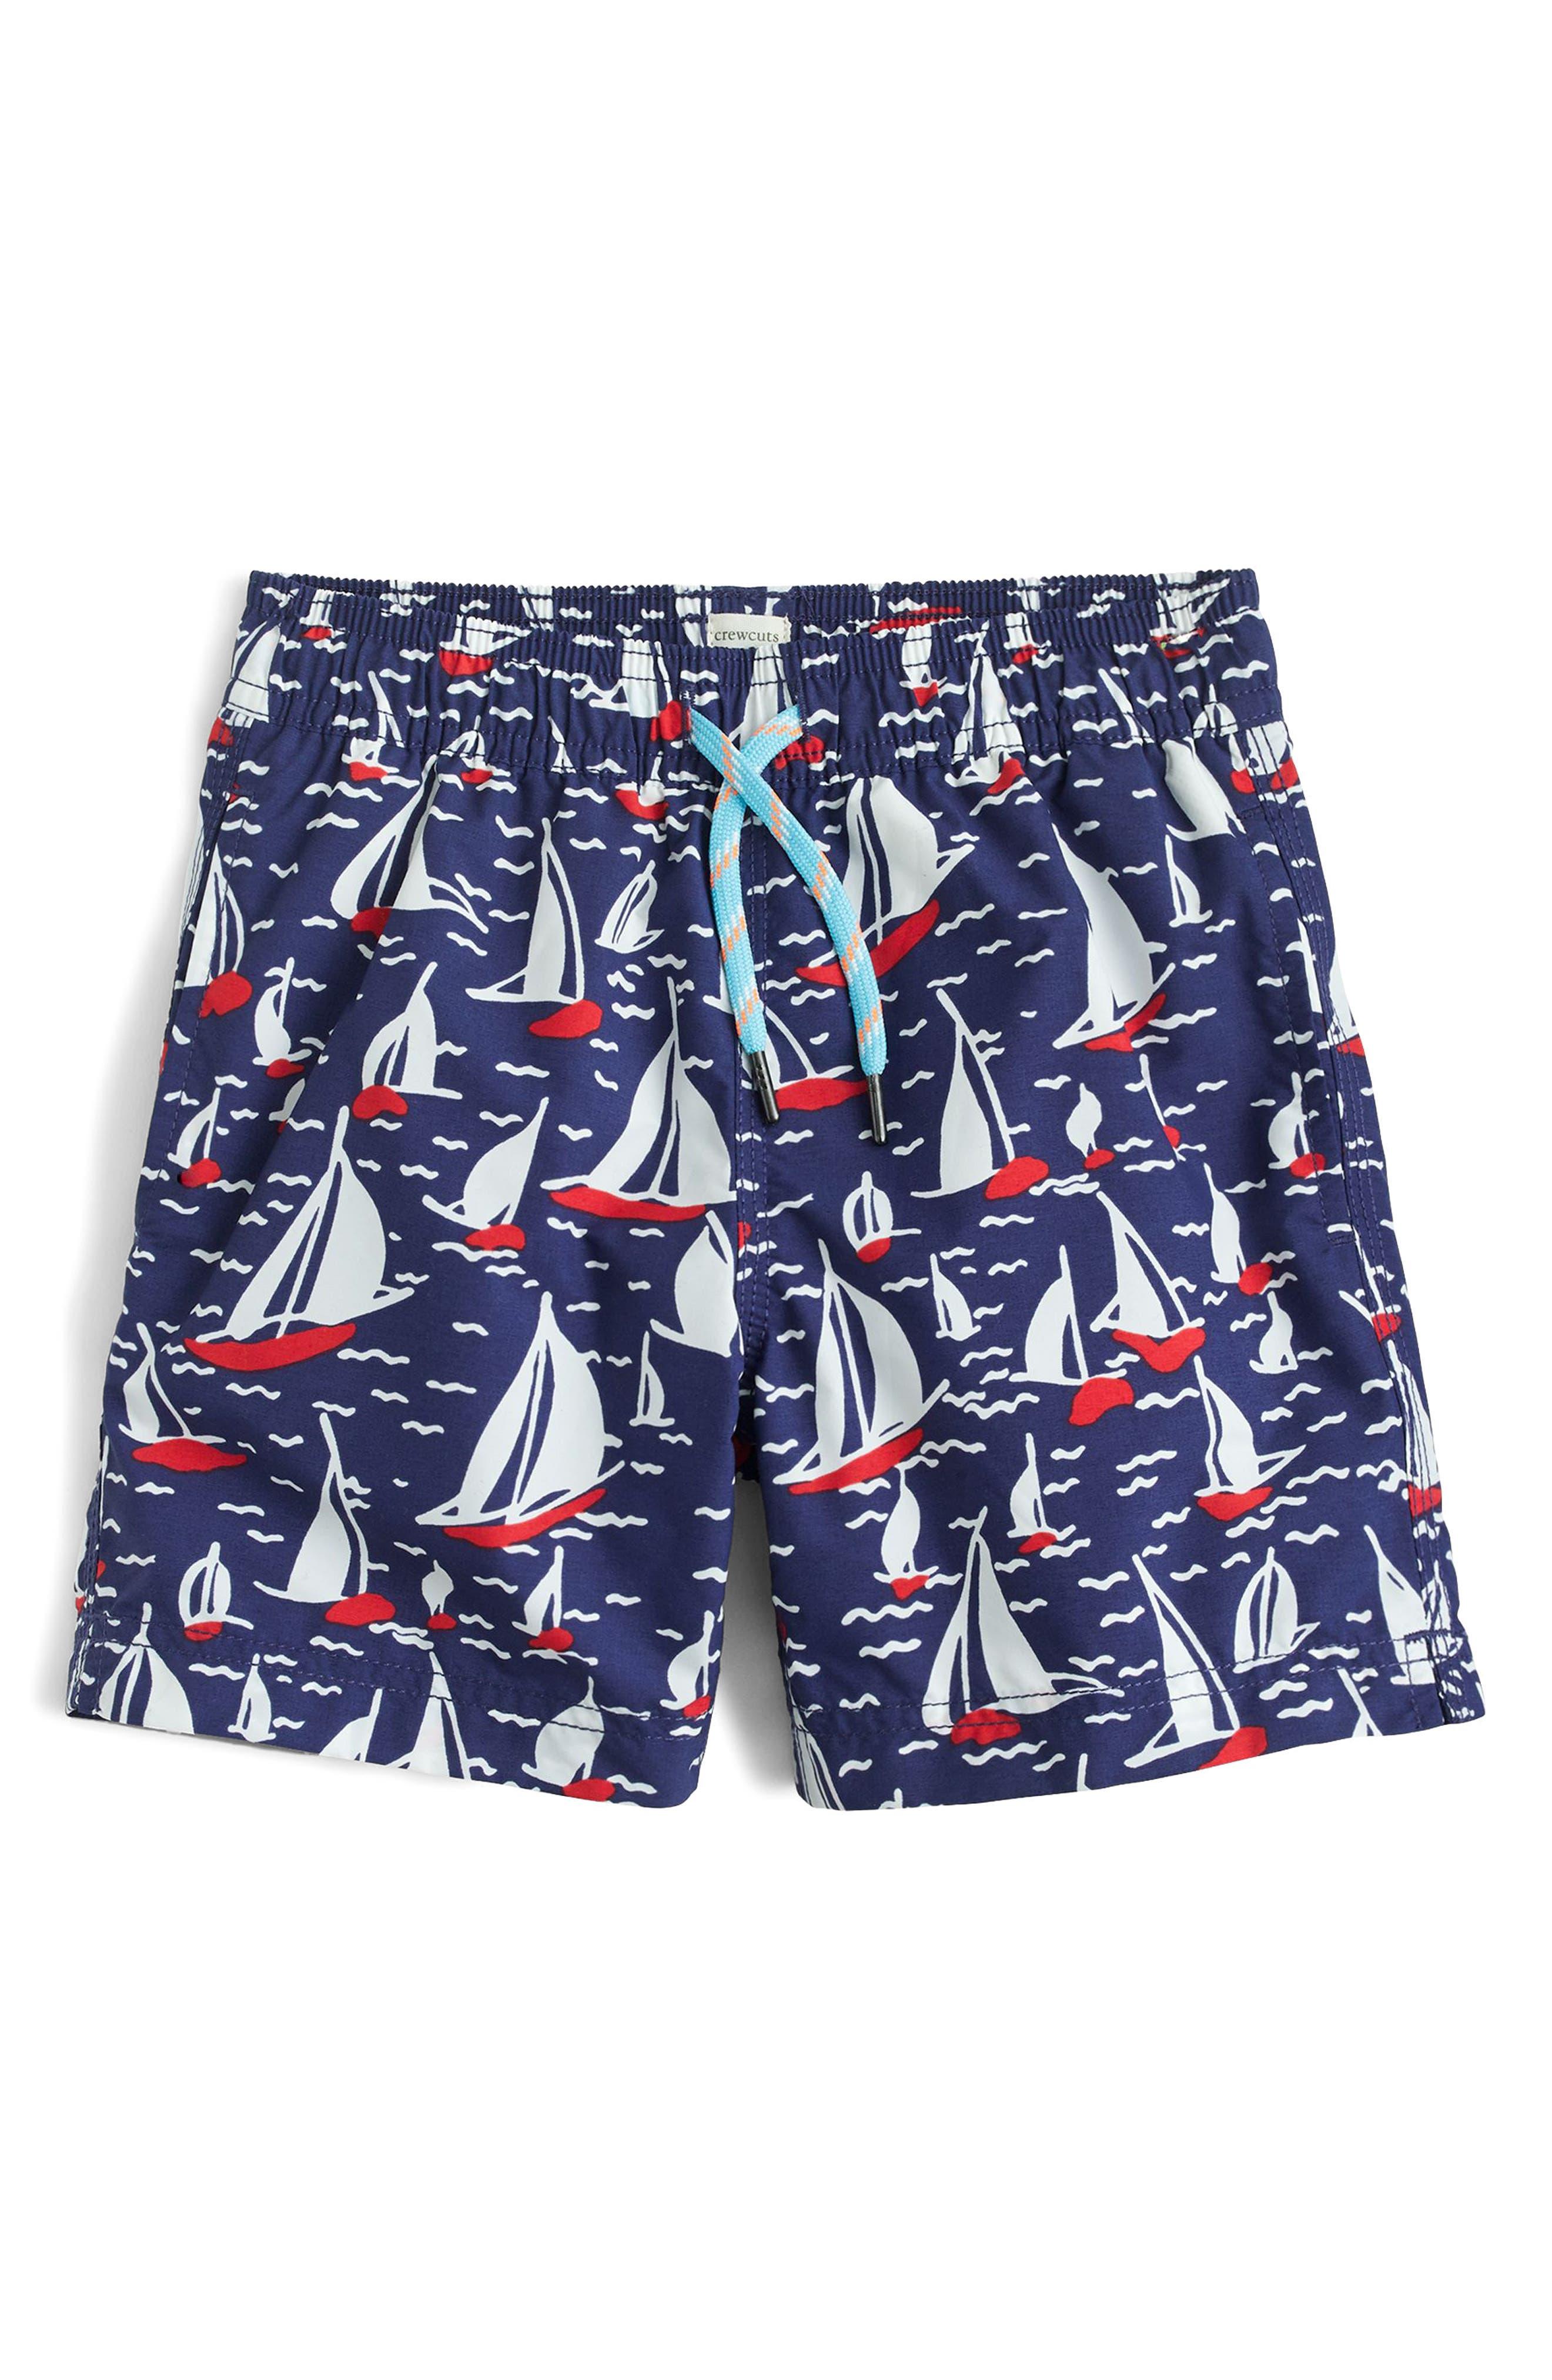 Sailboat Swim Trunks,                             Main thumbnail 1, color,                             400